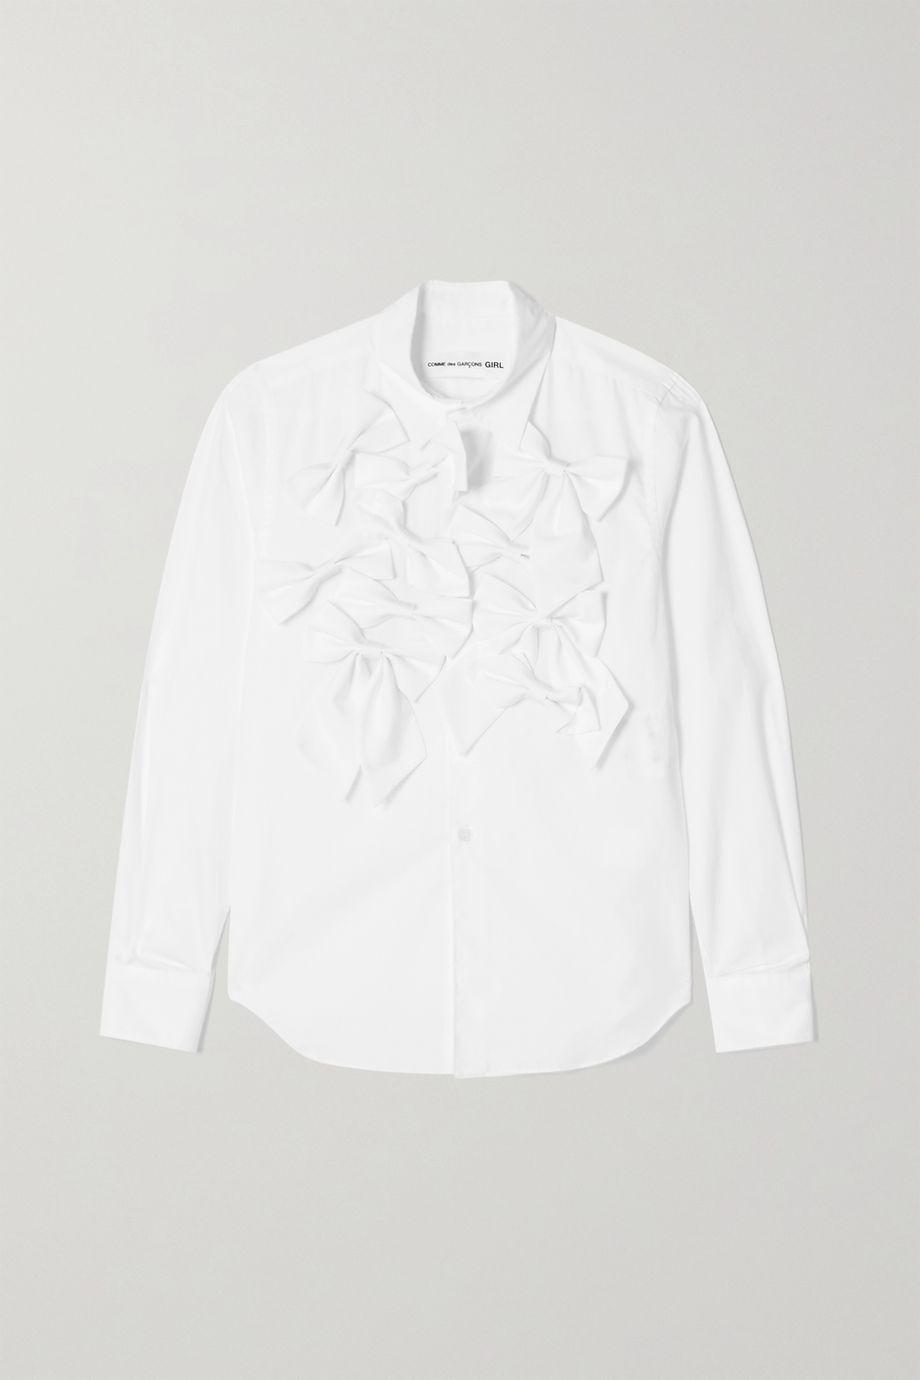 Comme des Garçons GIRL Hemd aus Baumwollpopeline mit Schleifen